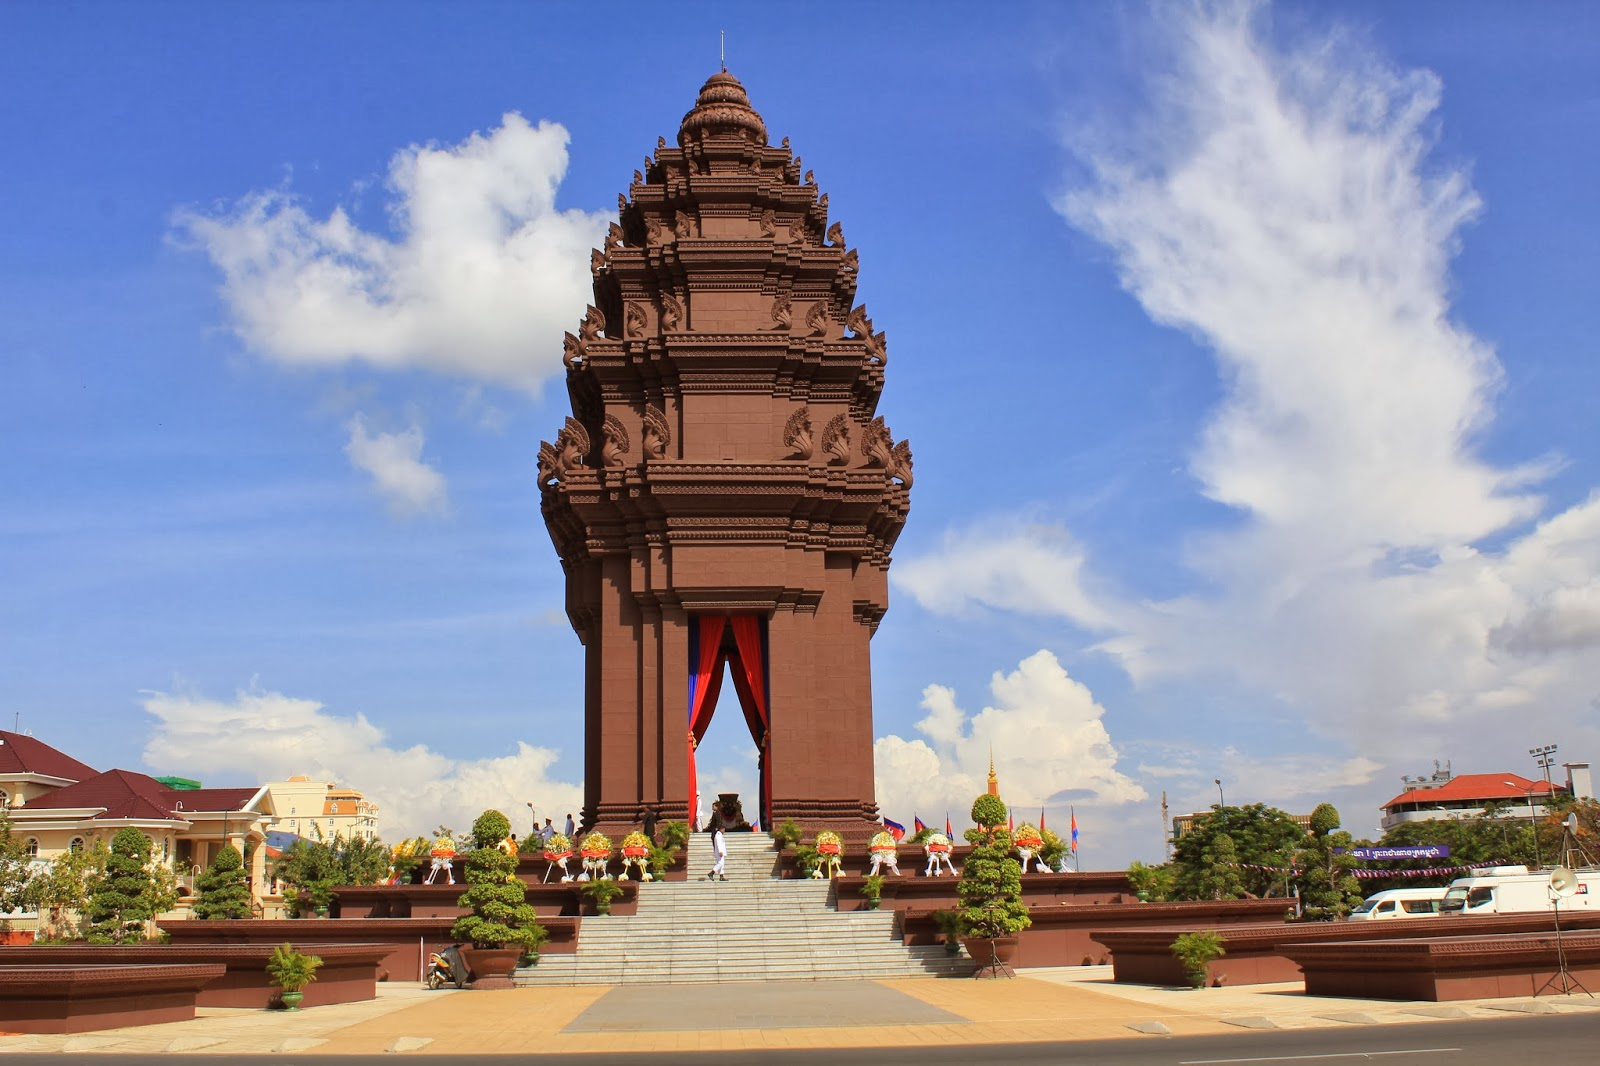 tuong dai doc lap phnom penh